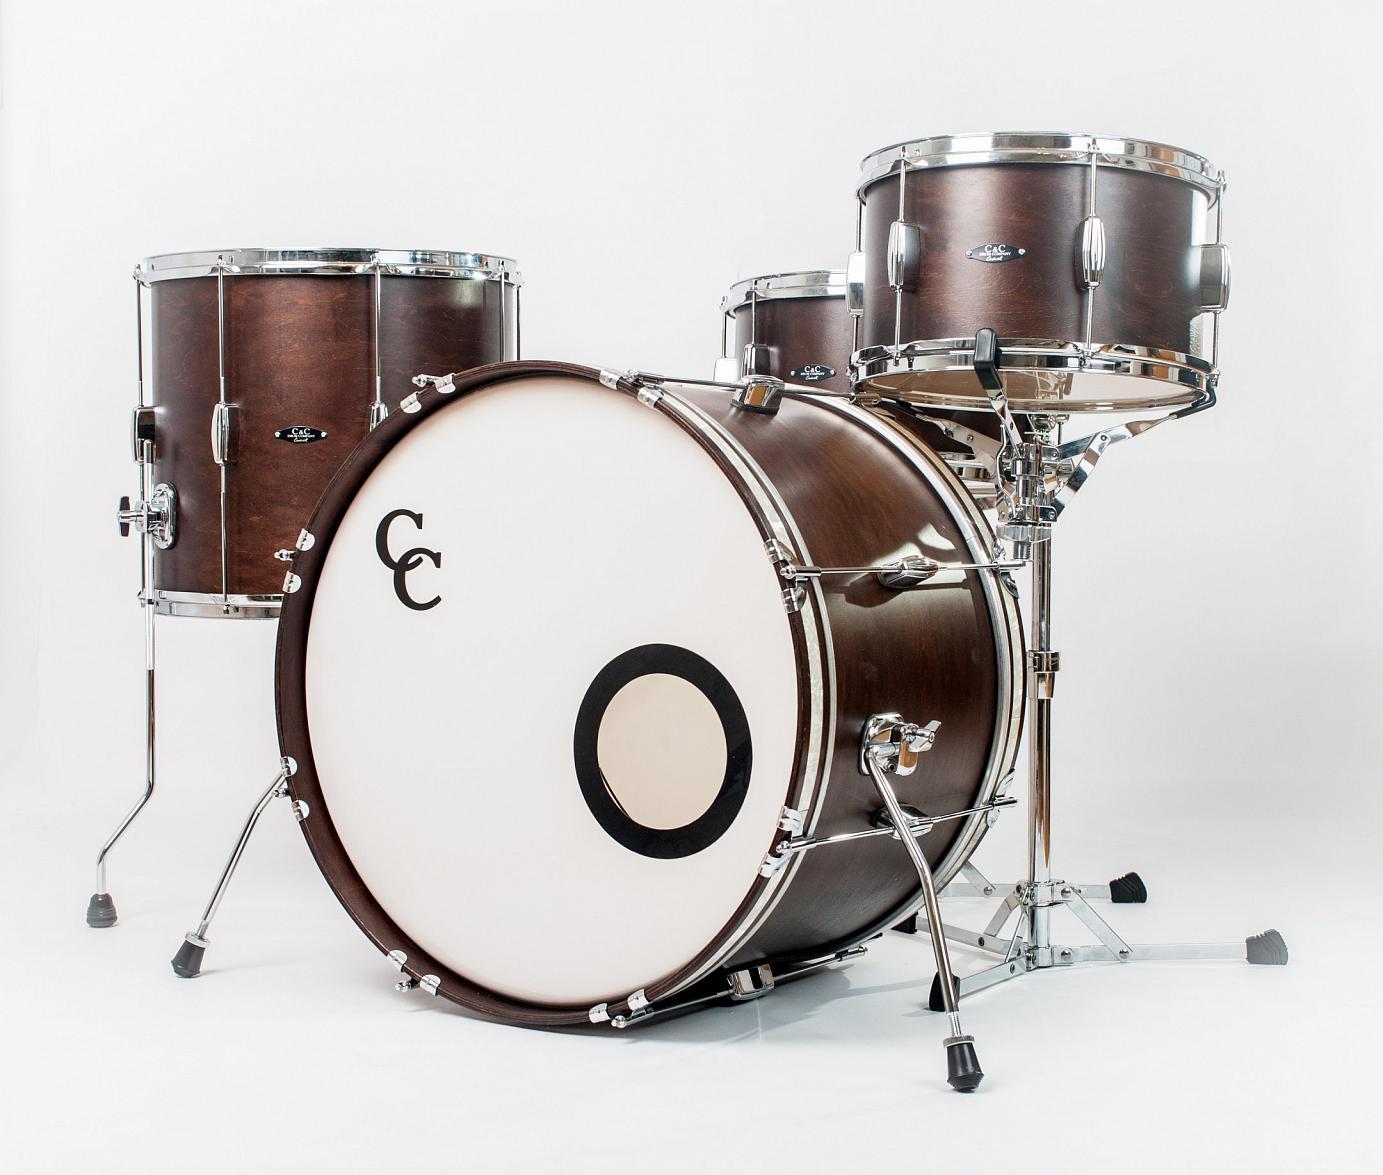 Drum dating